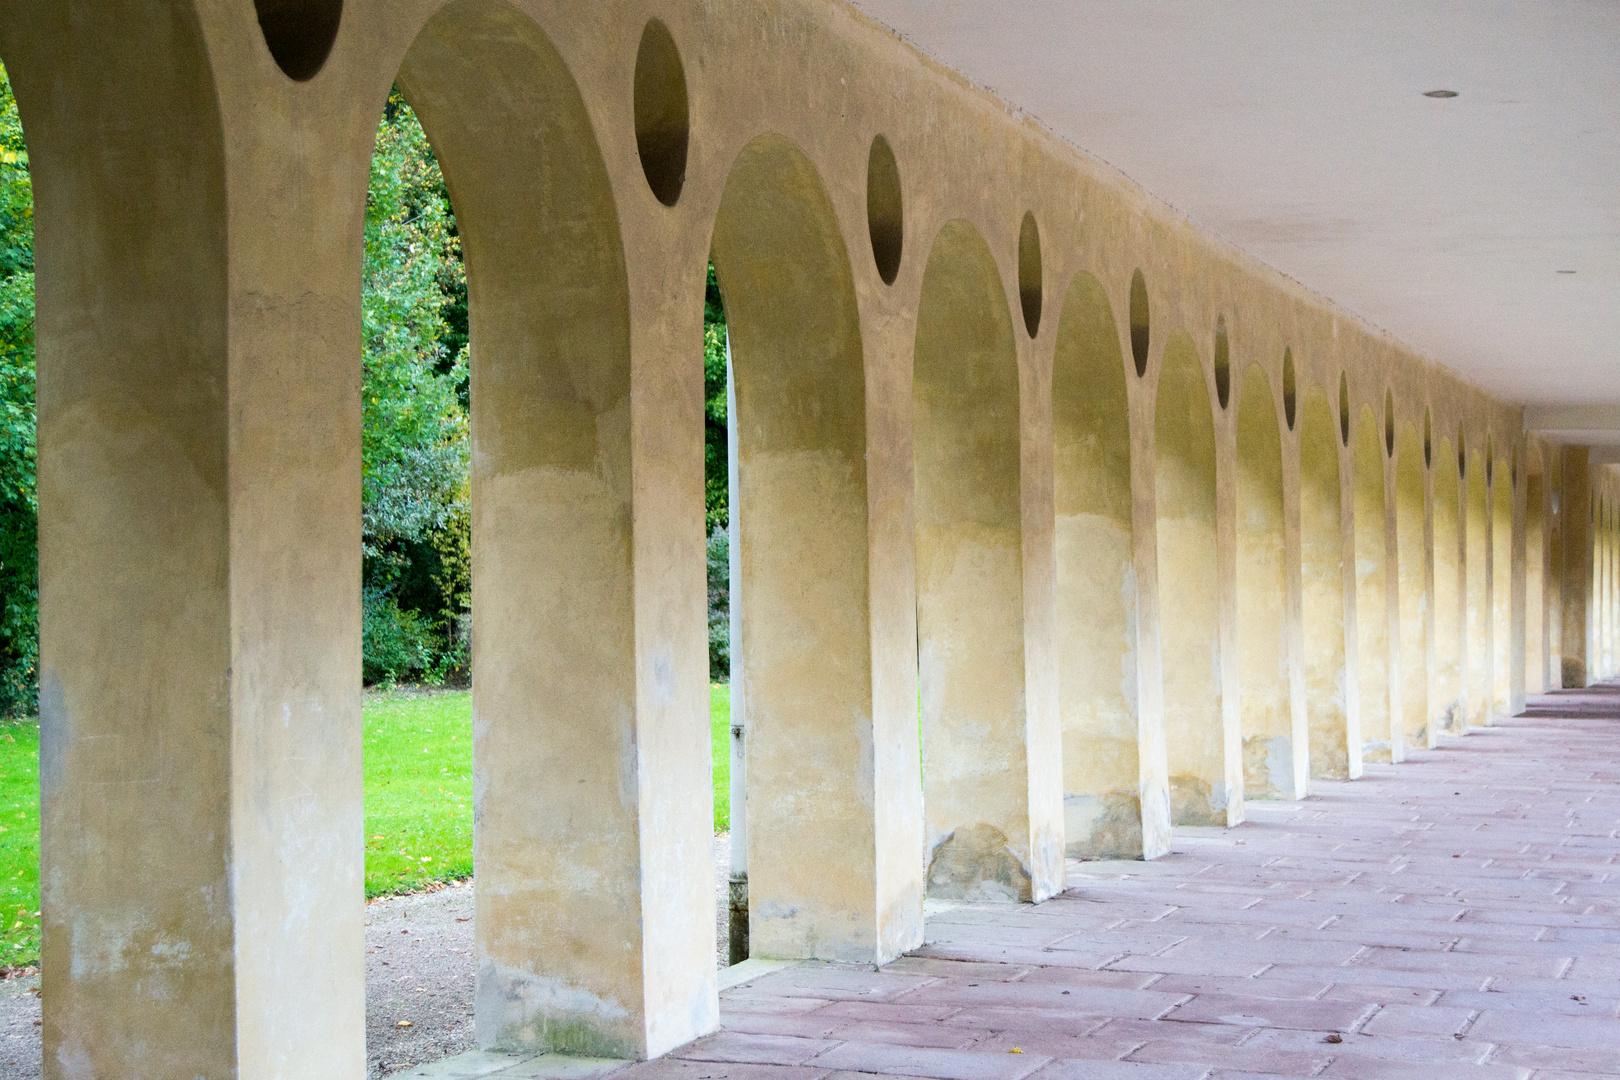 Westliche Kolonnade bzw. Orangerie des Schlosses Favorite.